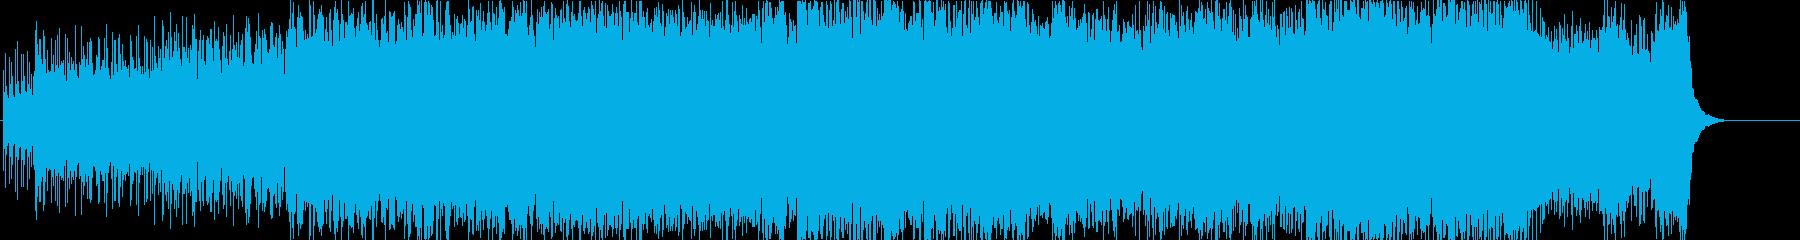 追跡 スピード 激しい 挑戦 闘志の再生済みの波形